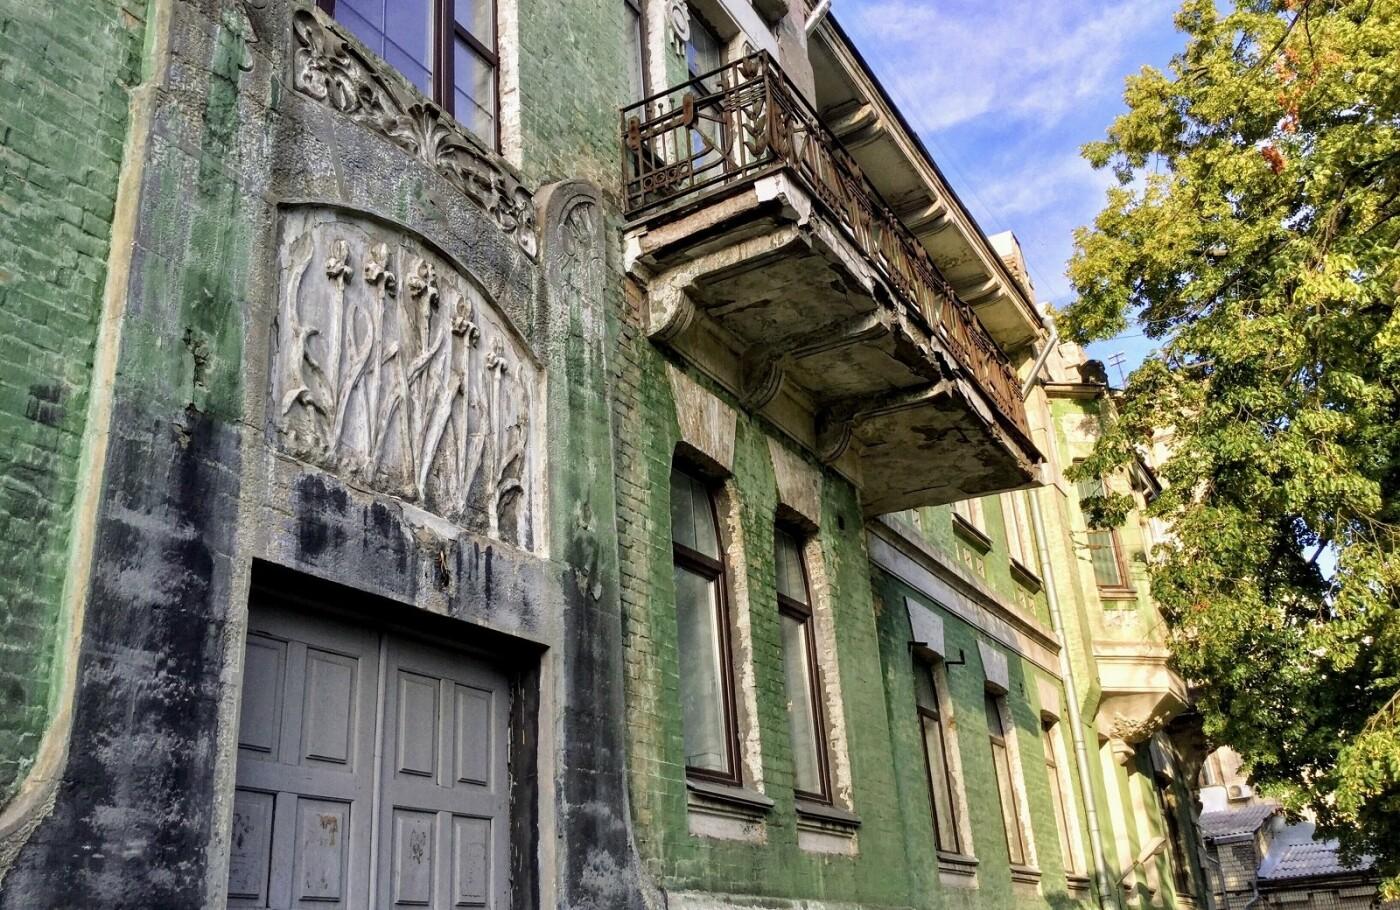 Дом с ирисами в Киеве, фото: Євгеній Кривошеєв